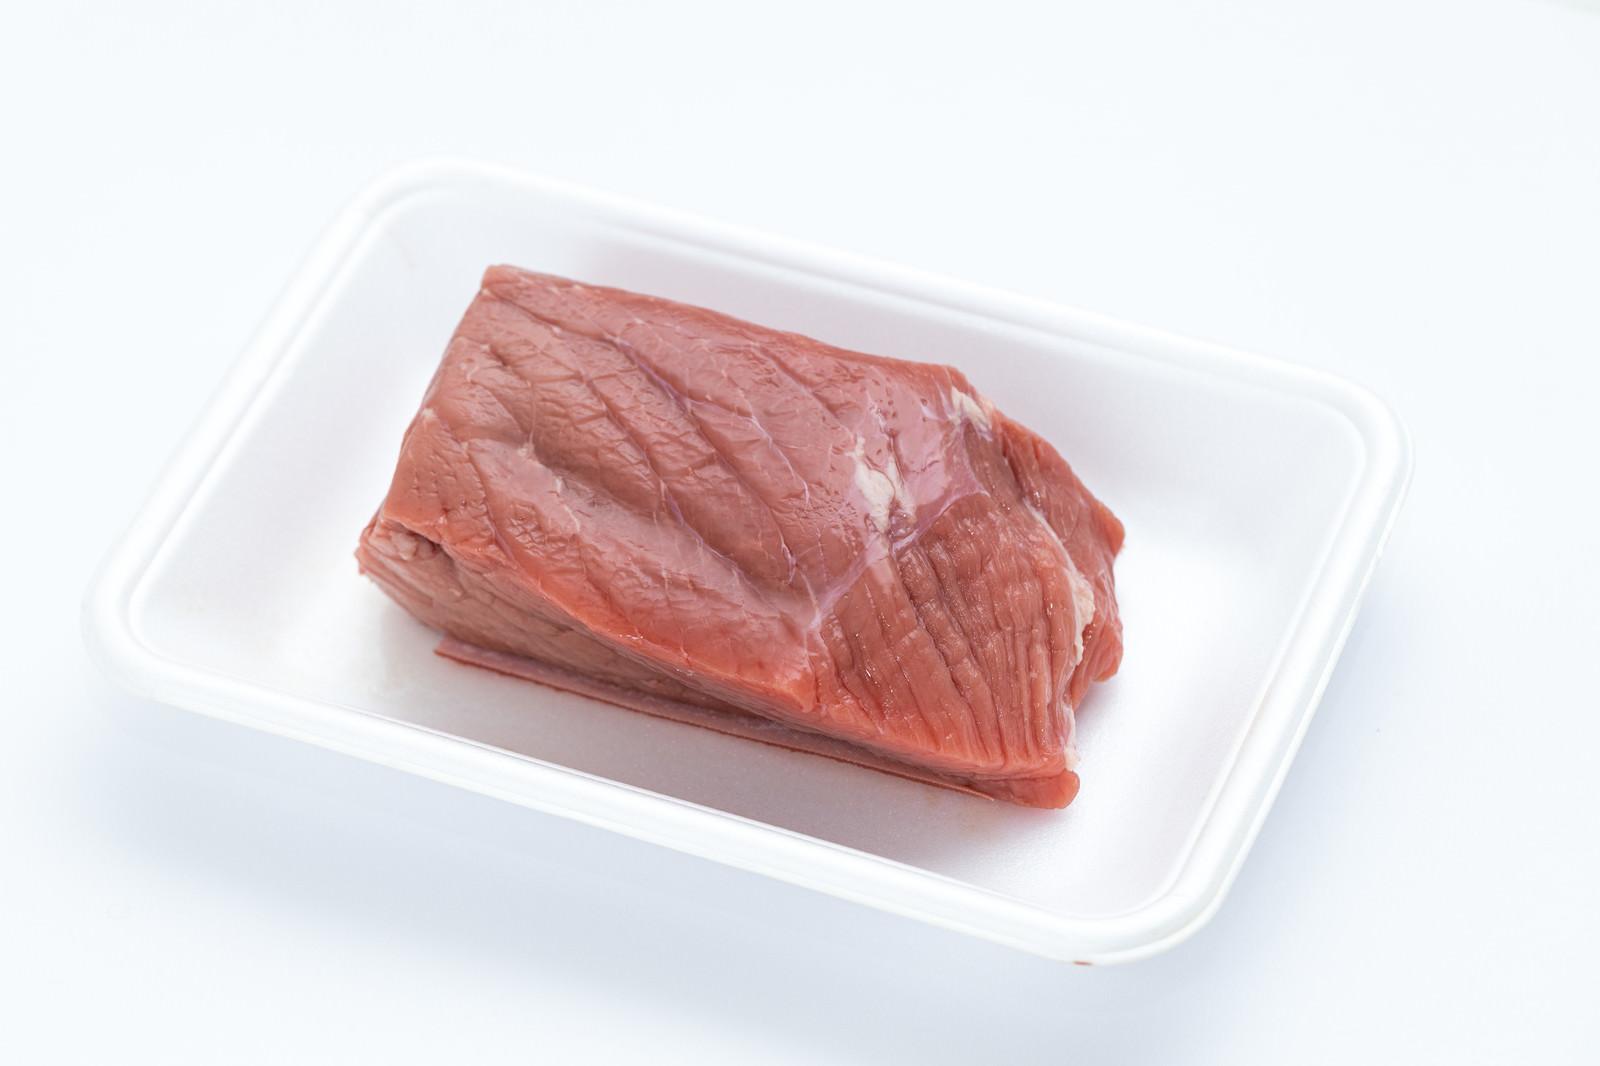 「スーパーで購入したブロック肉」の写真